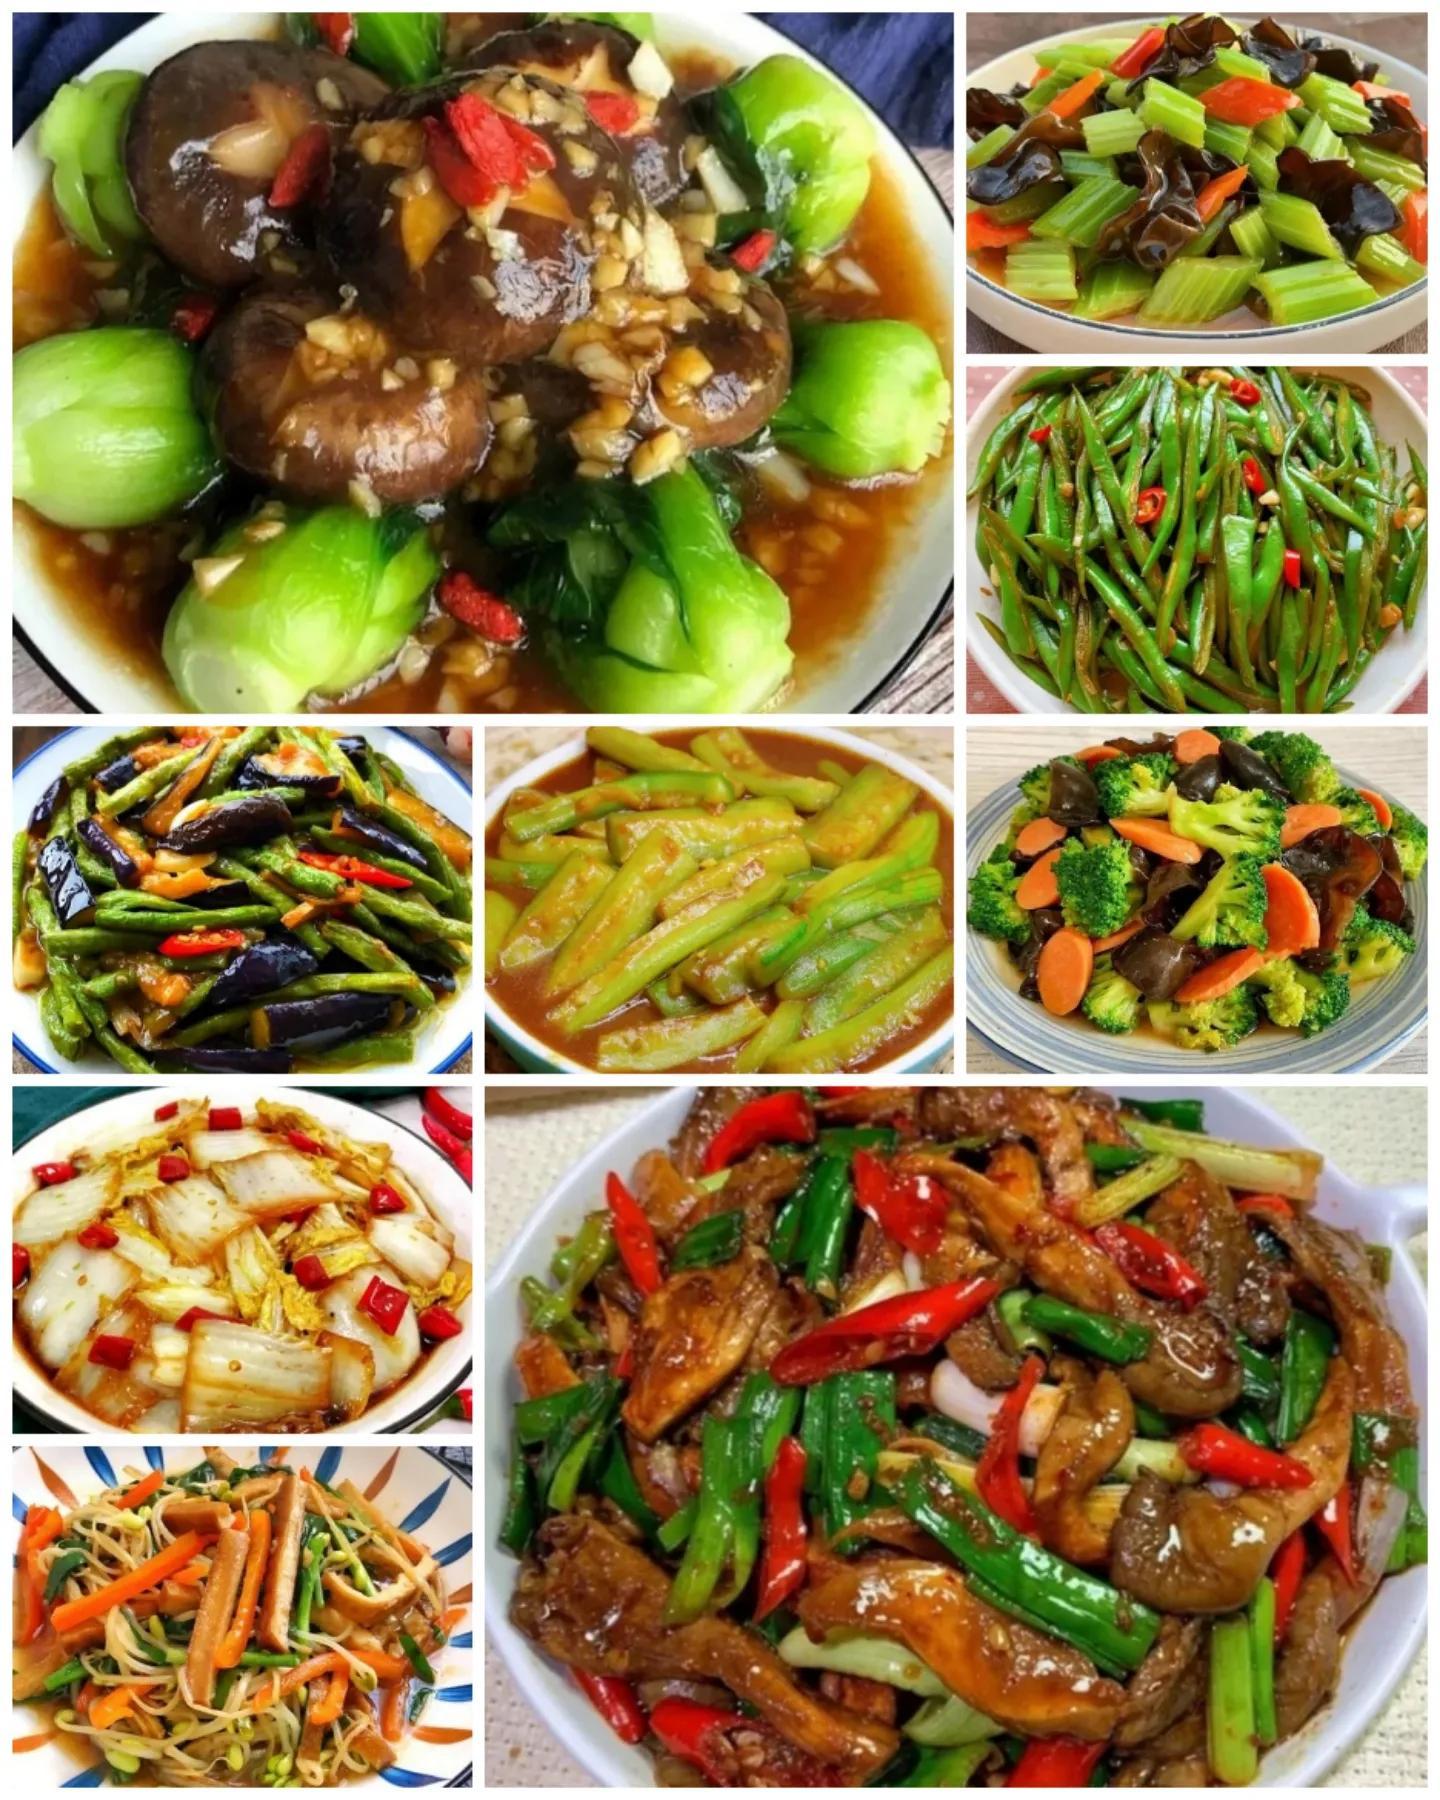 教你10种素菜的做法 美食做法 第1张